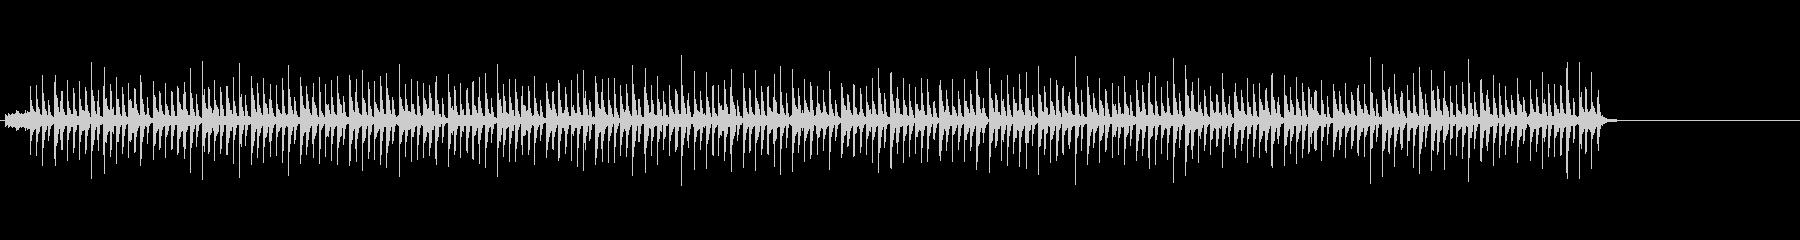 クイズの答えを考える時間のBGMの未再生の波形